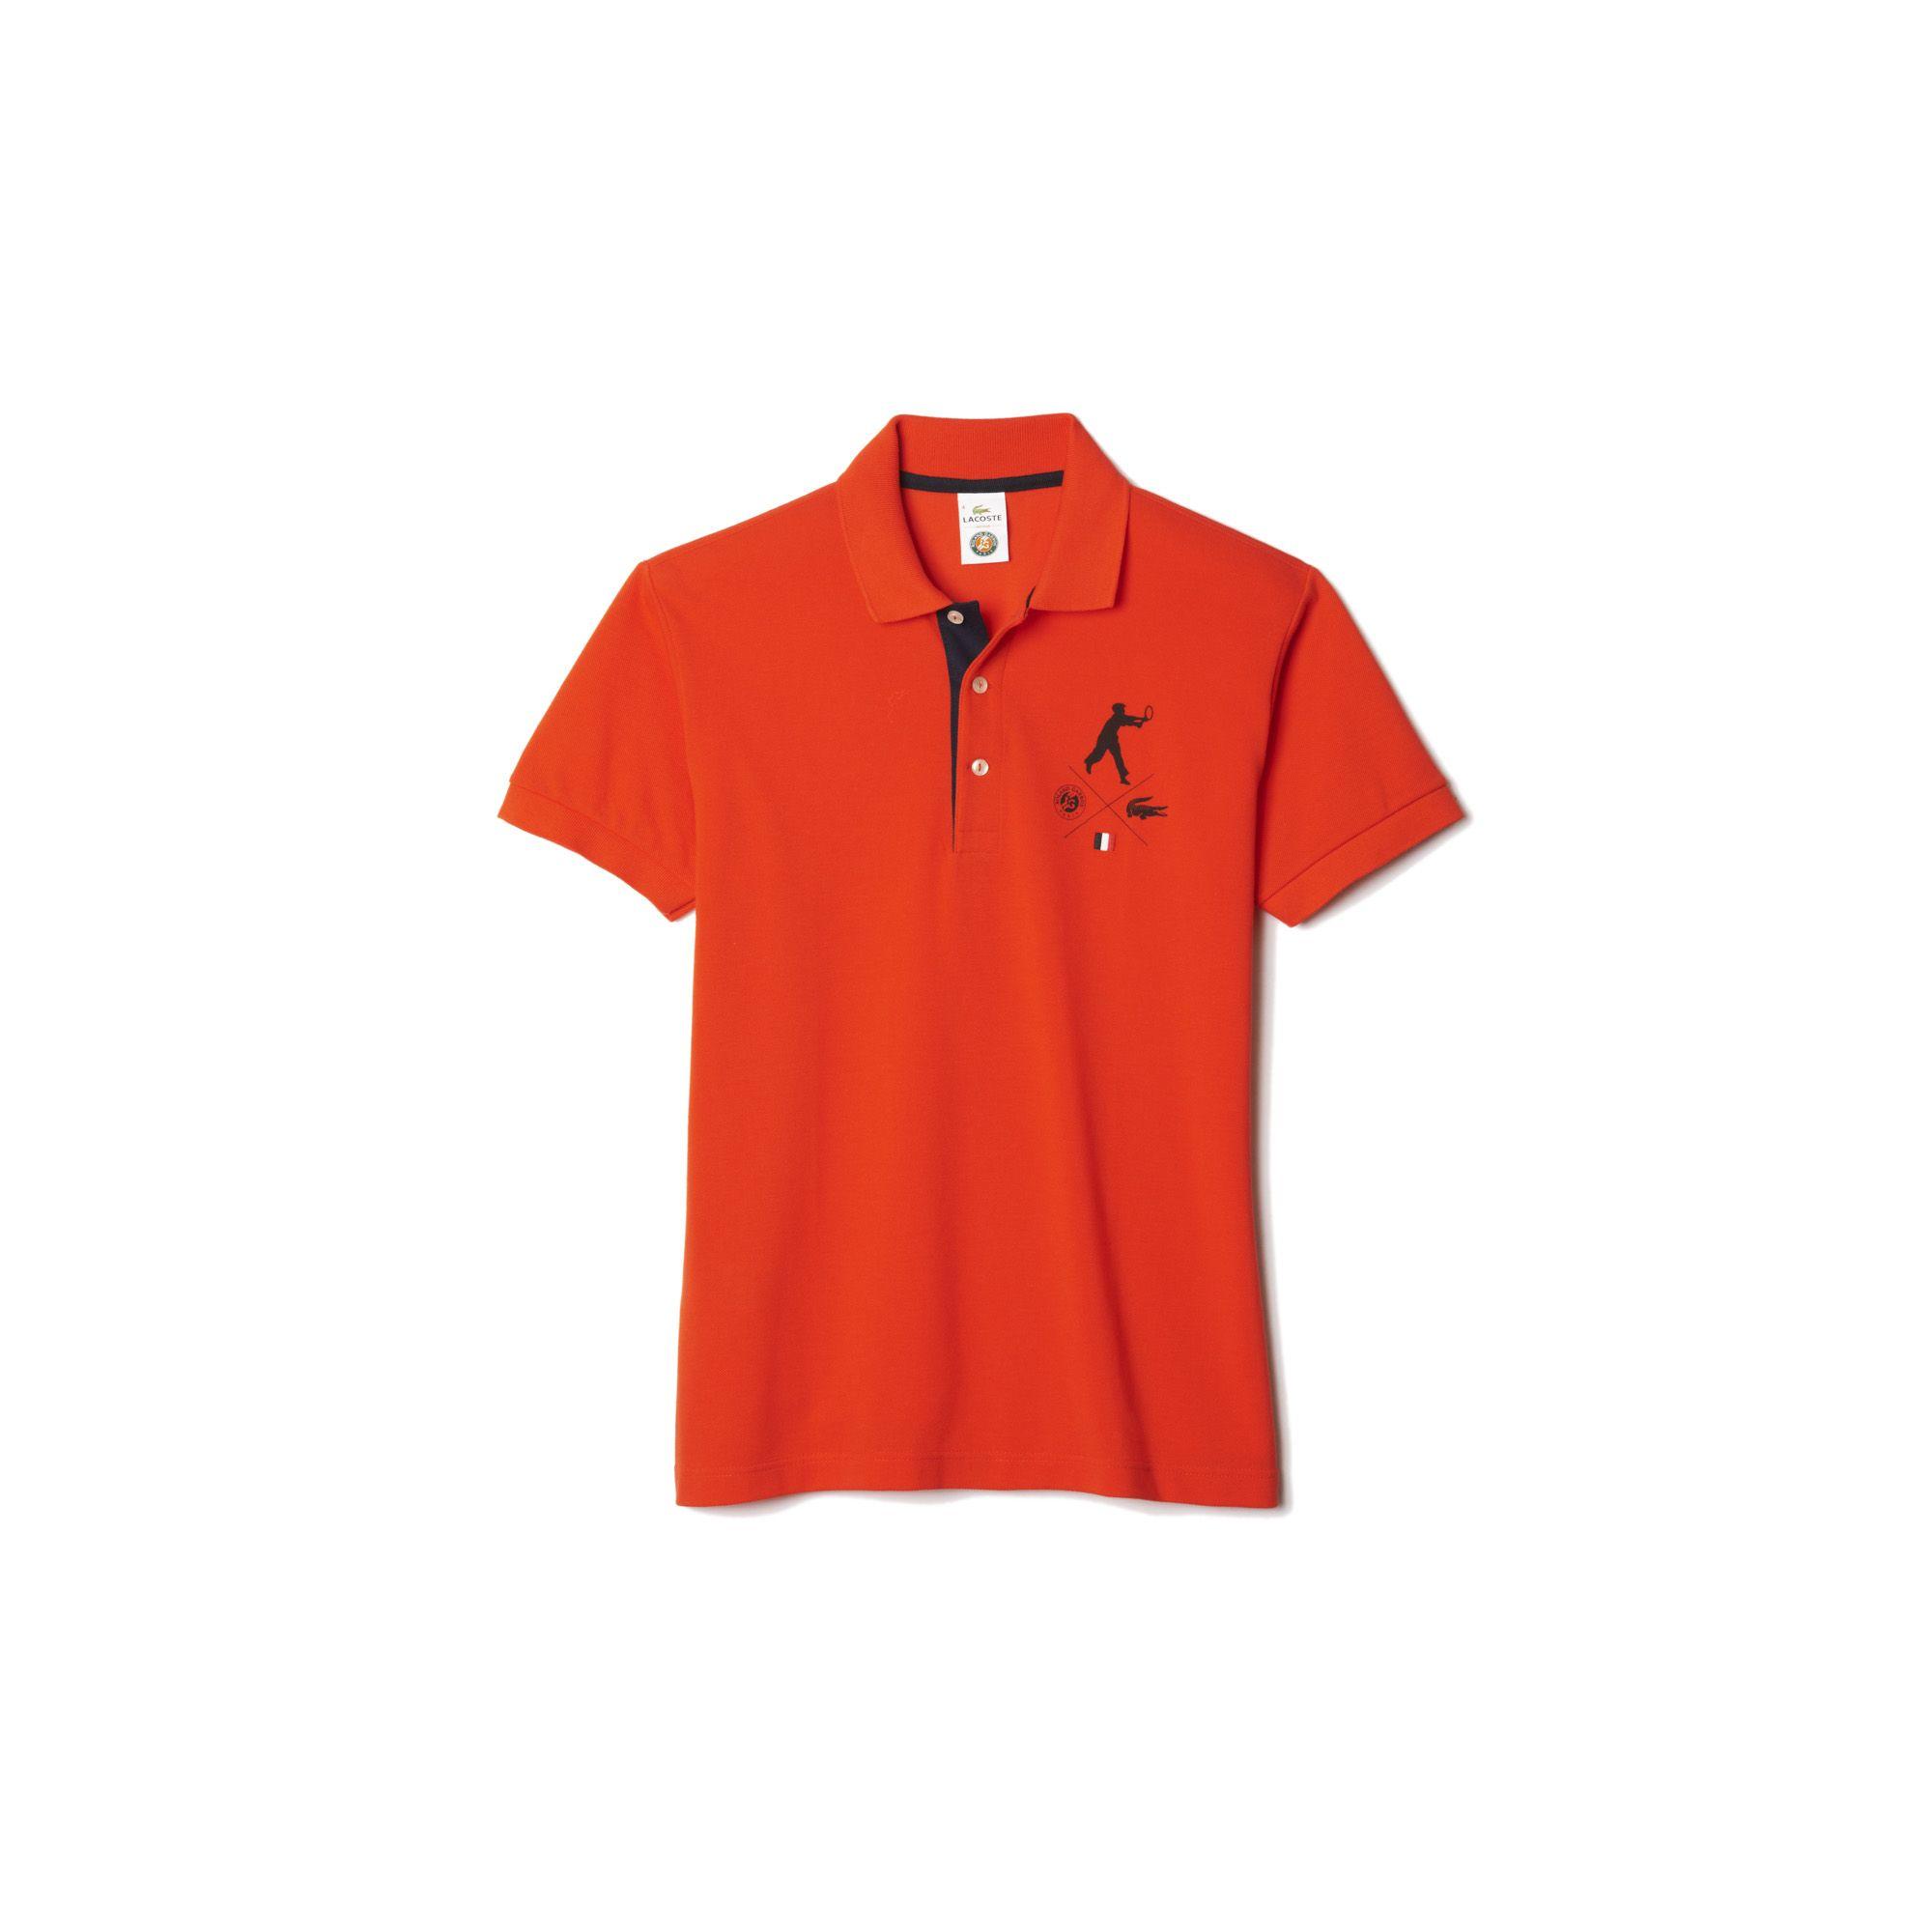 8e31042cda Polo Lacoste Sport uni Edition Roland Garros - BLANC/MARINE | LACOSTE